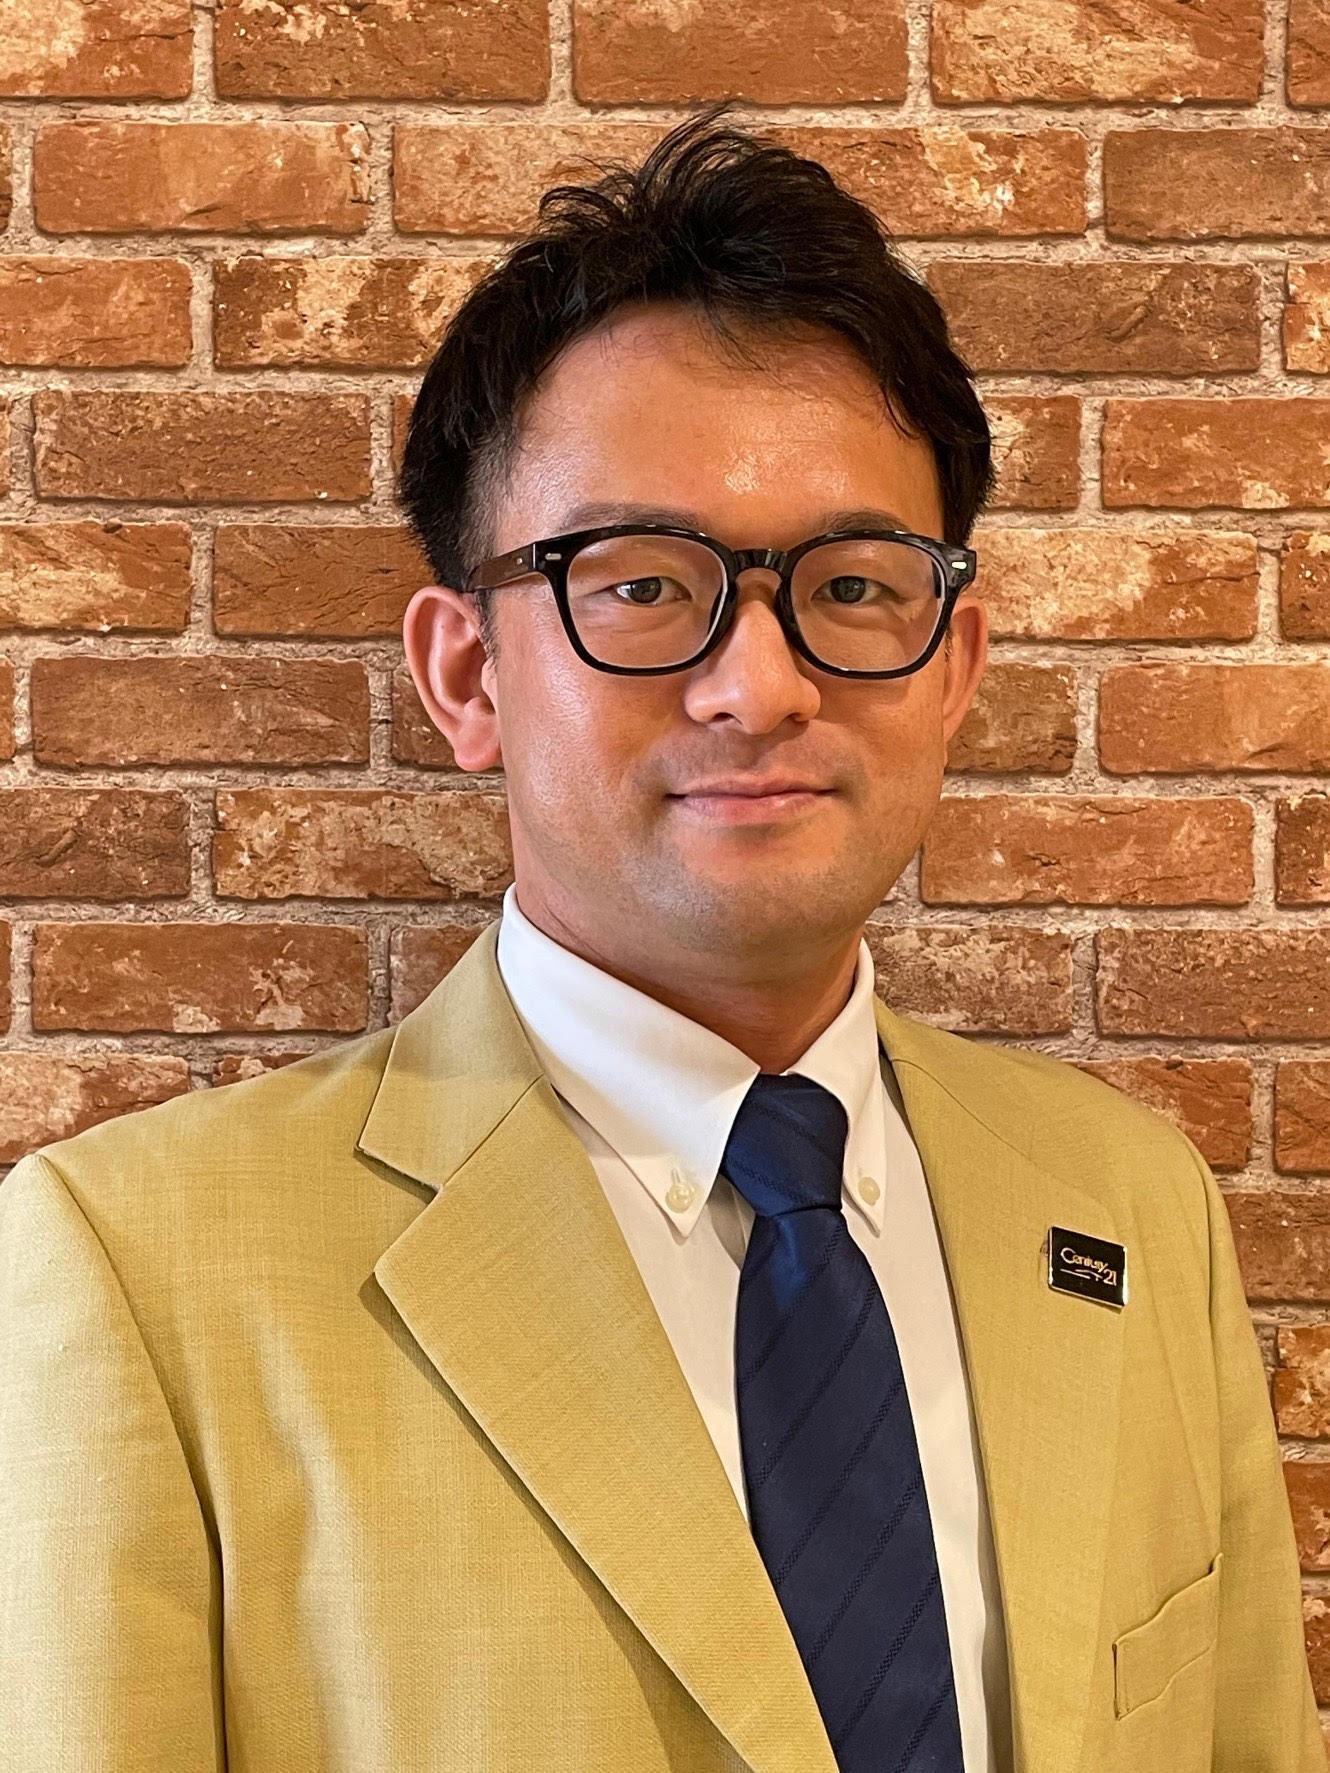 センチュリー21関西不動産情報センター西川 幸男の写真